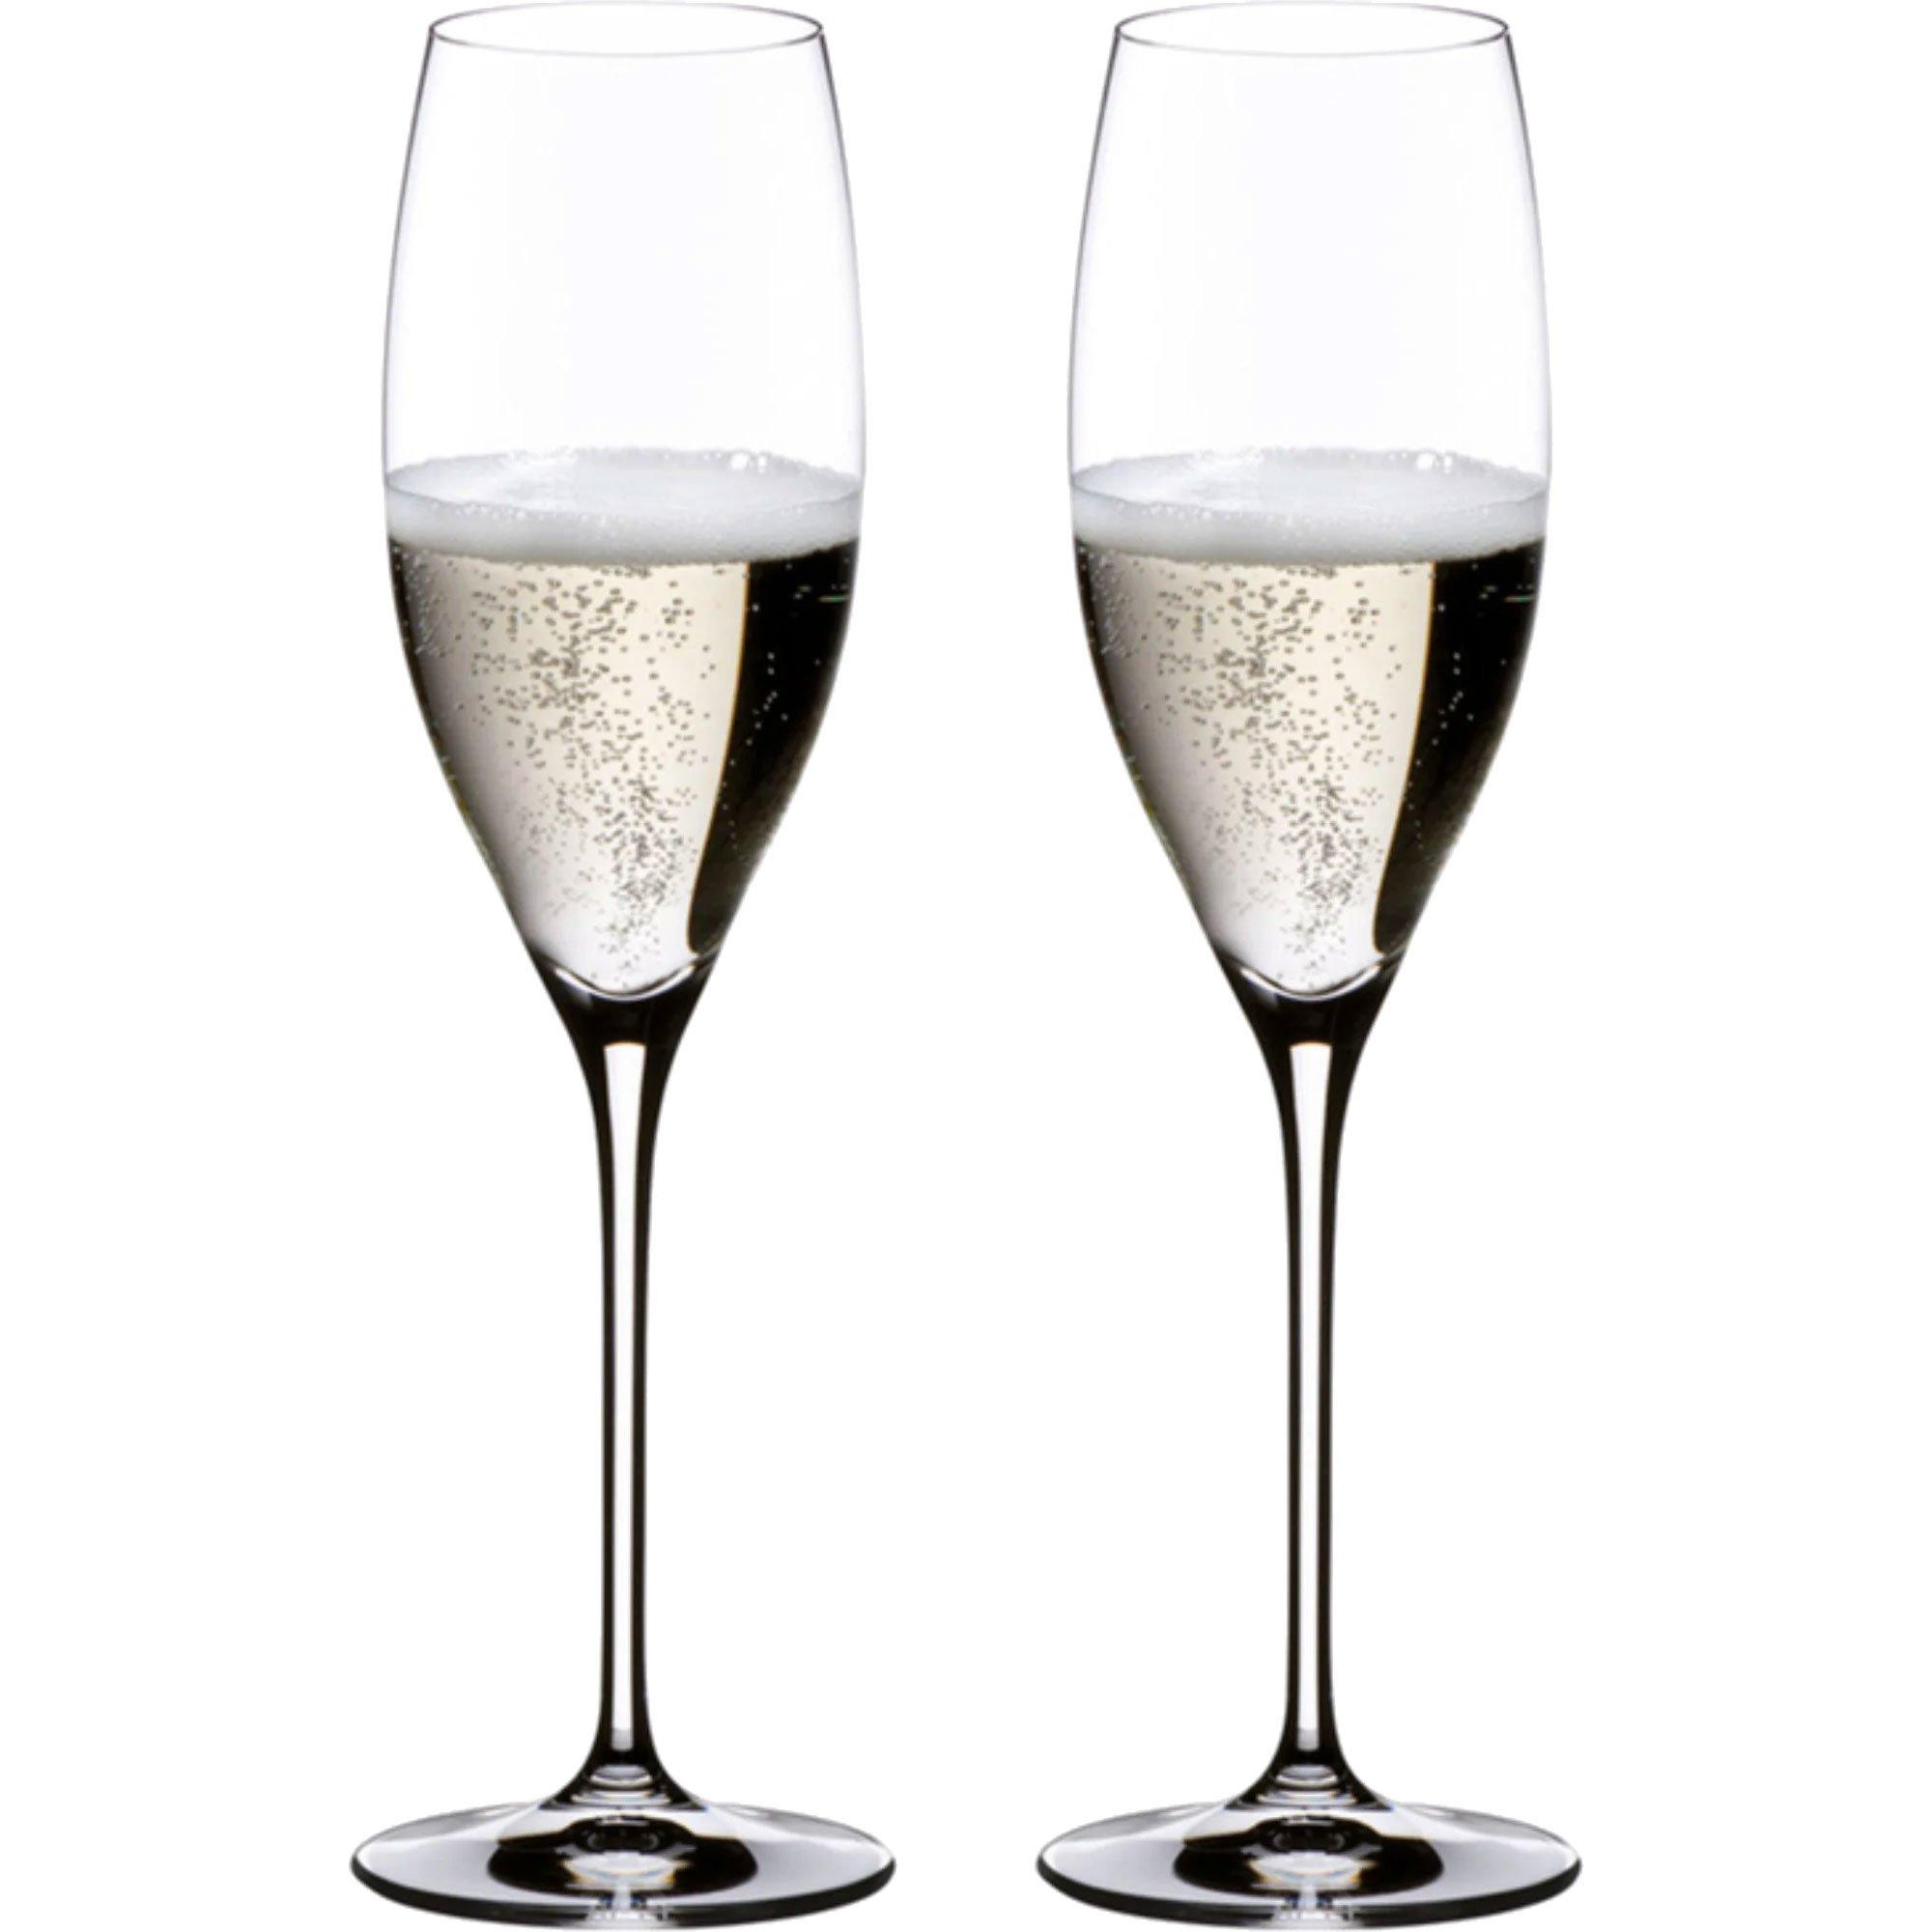 Riedel Vinum Cuvée Prestige Champagneglas 23 cl2-pack